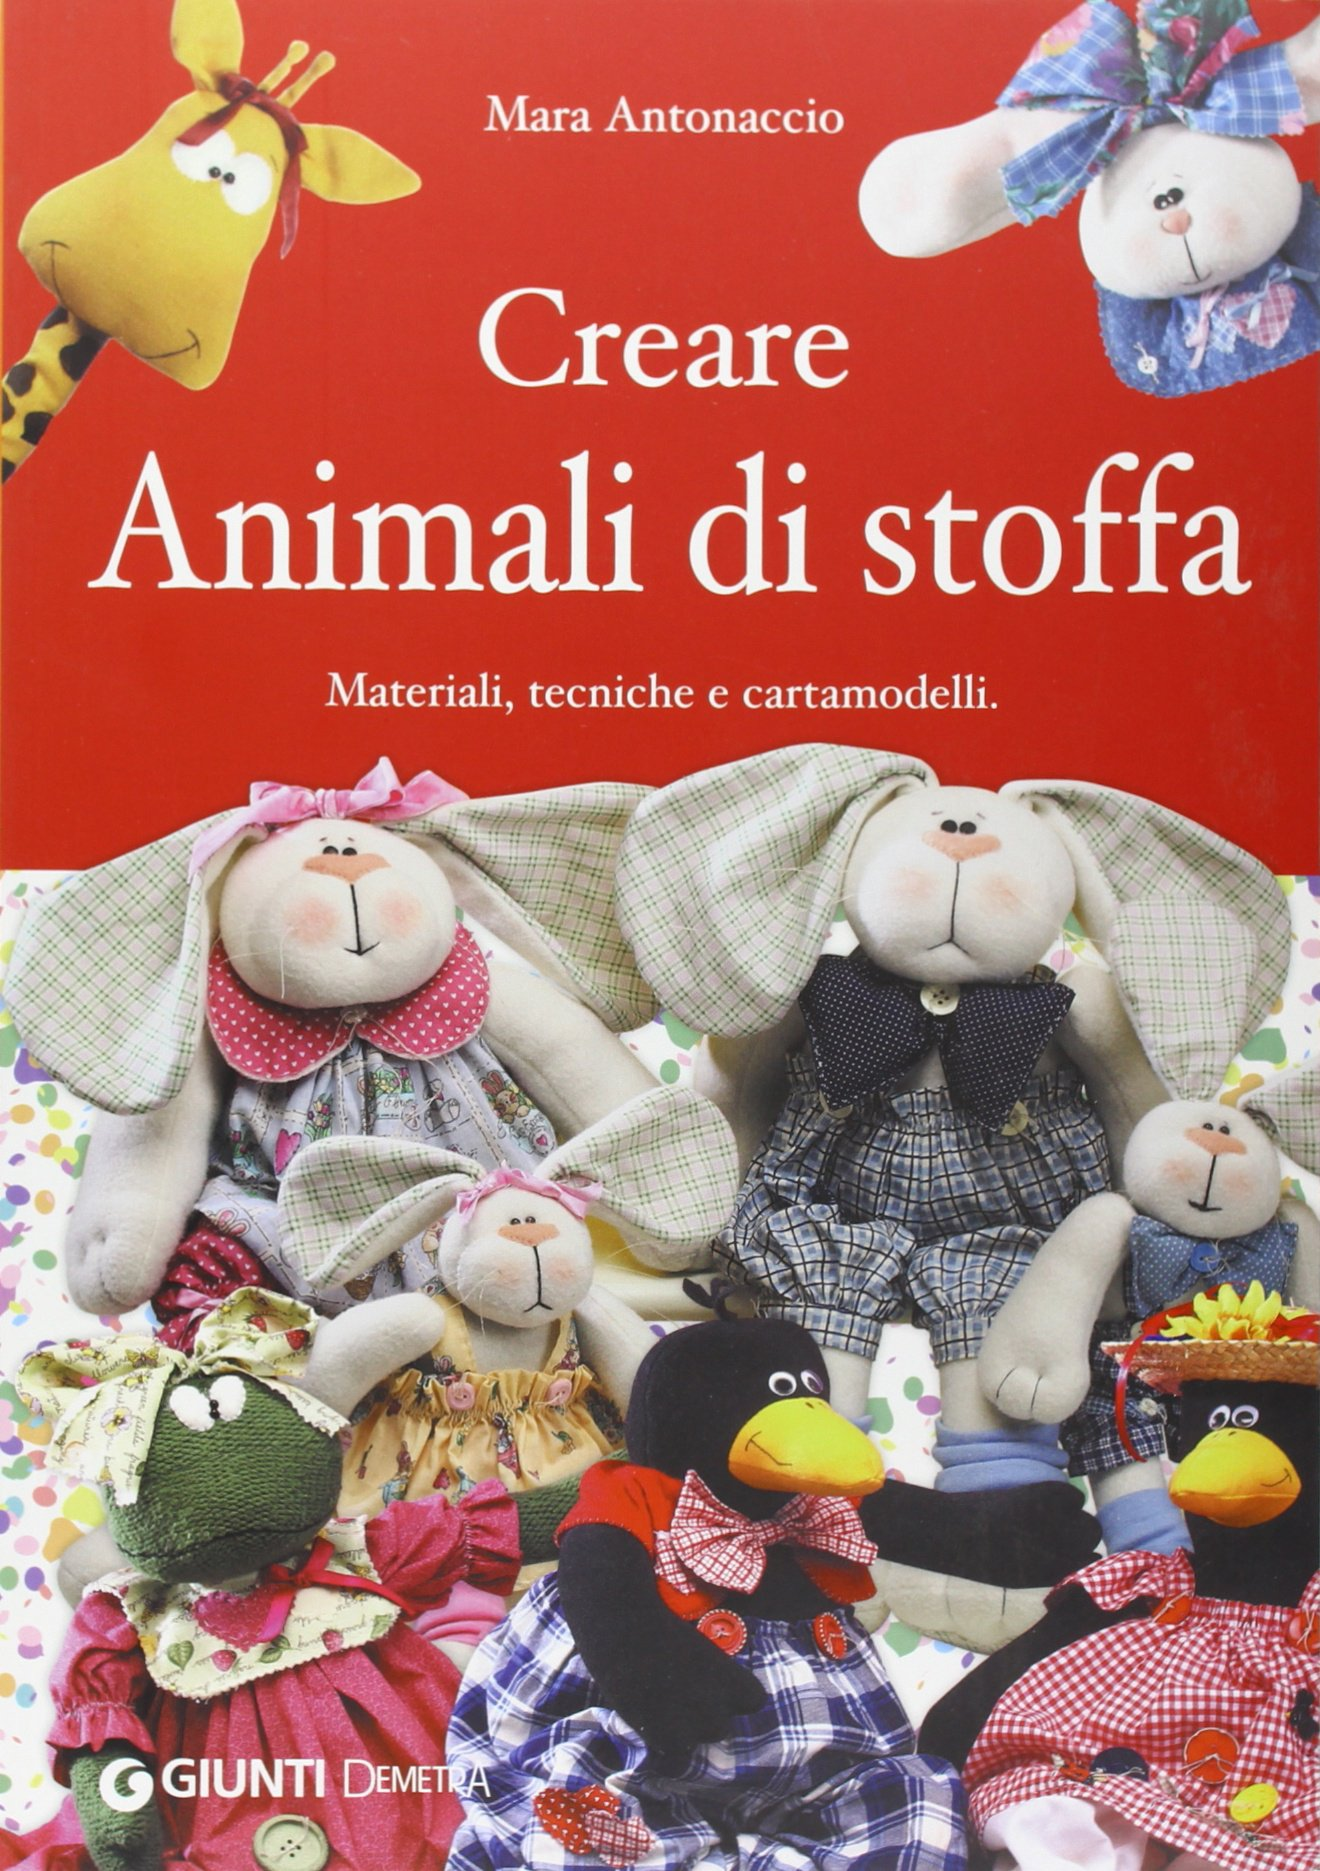 Amazon.it: Creare Animali Di Stoffa. Materiali, Tecniche, Cartamodelli    Mara Antonaccio, E. Ferrarese   Libri